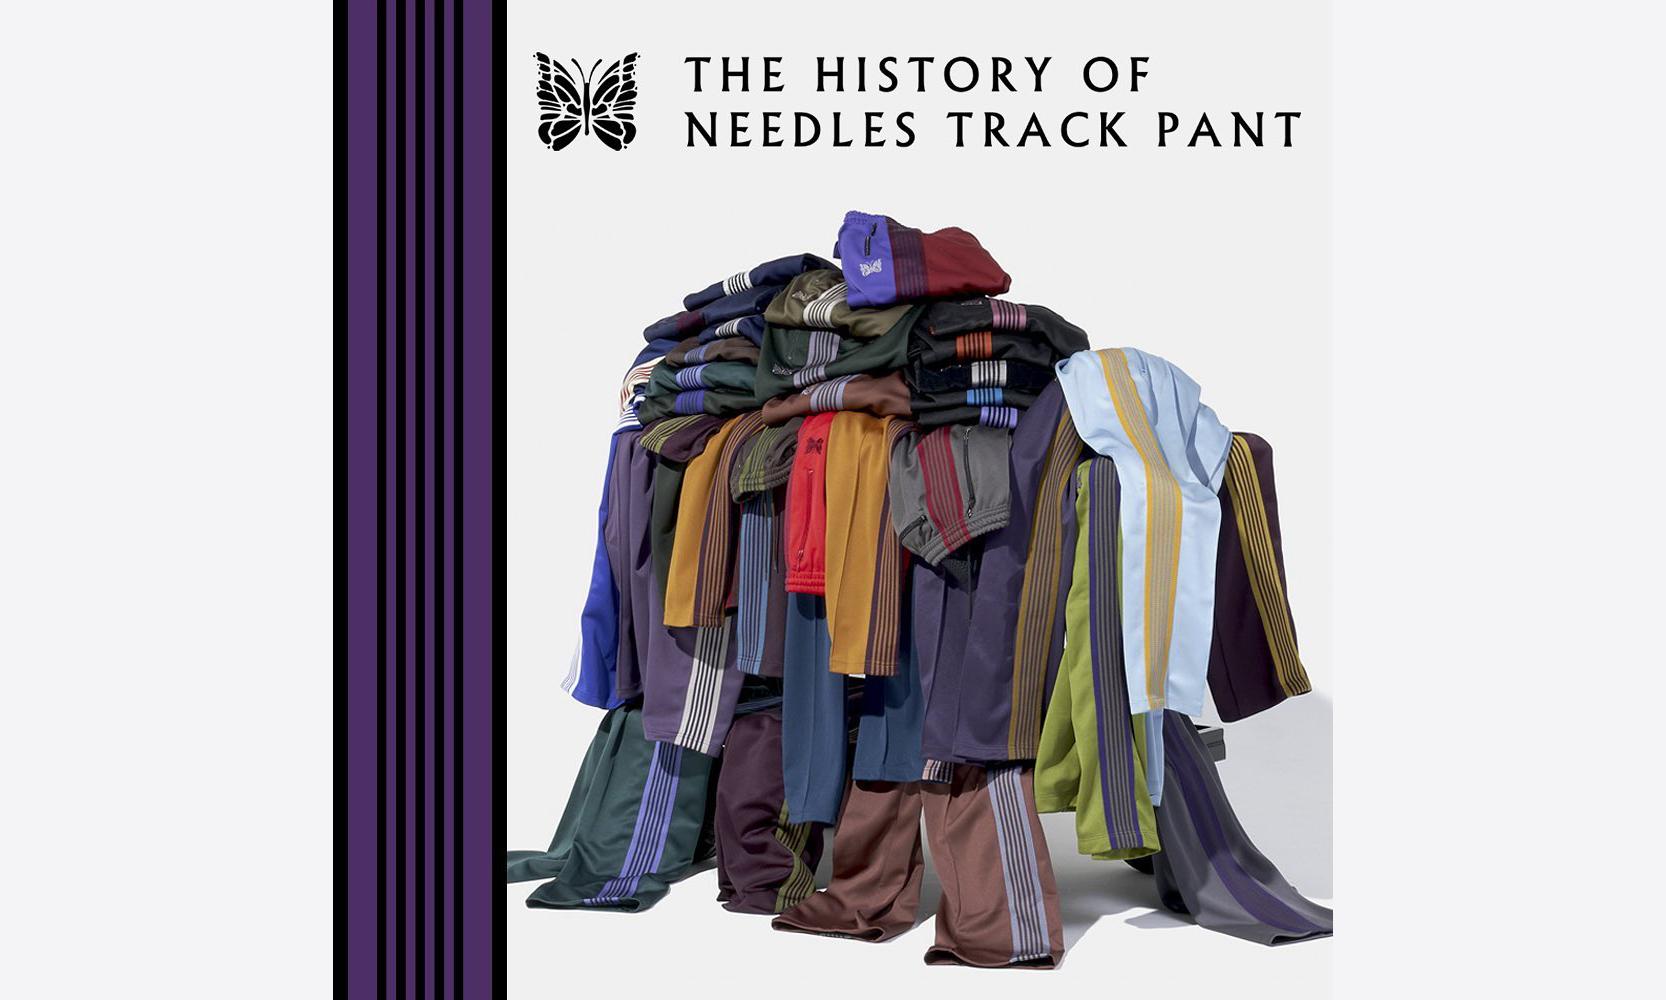 对话清水庆三,NEEDLES 发布「THE HISTORY OF NEEDLES TRACK PANT」